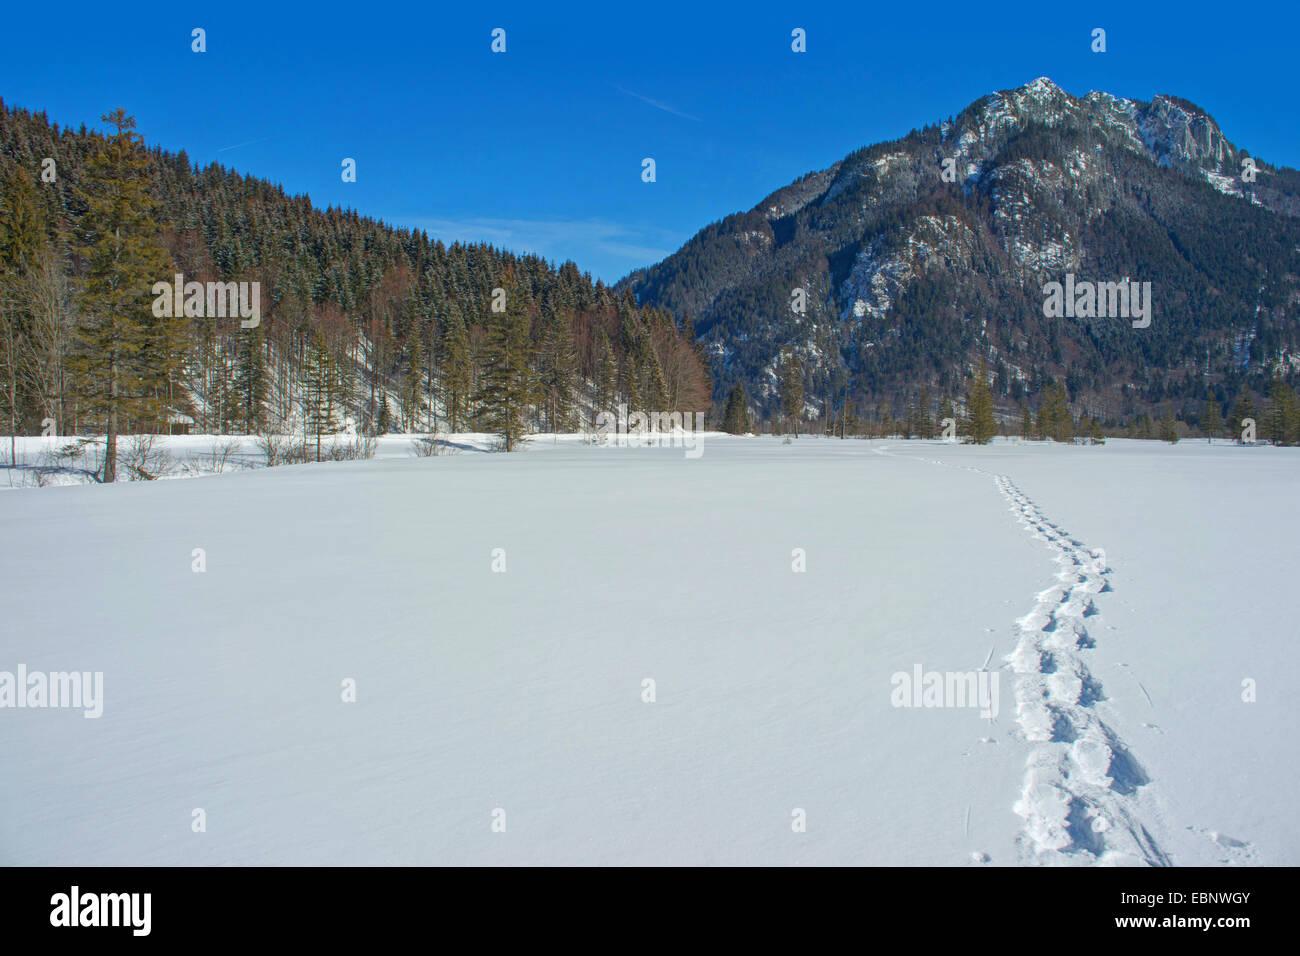 Pistes de raquette dans un paysage hivernal, Alpes Ammergau avec roscoff en arrière-plan, l'Allemagne, Photo Stock